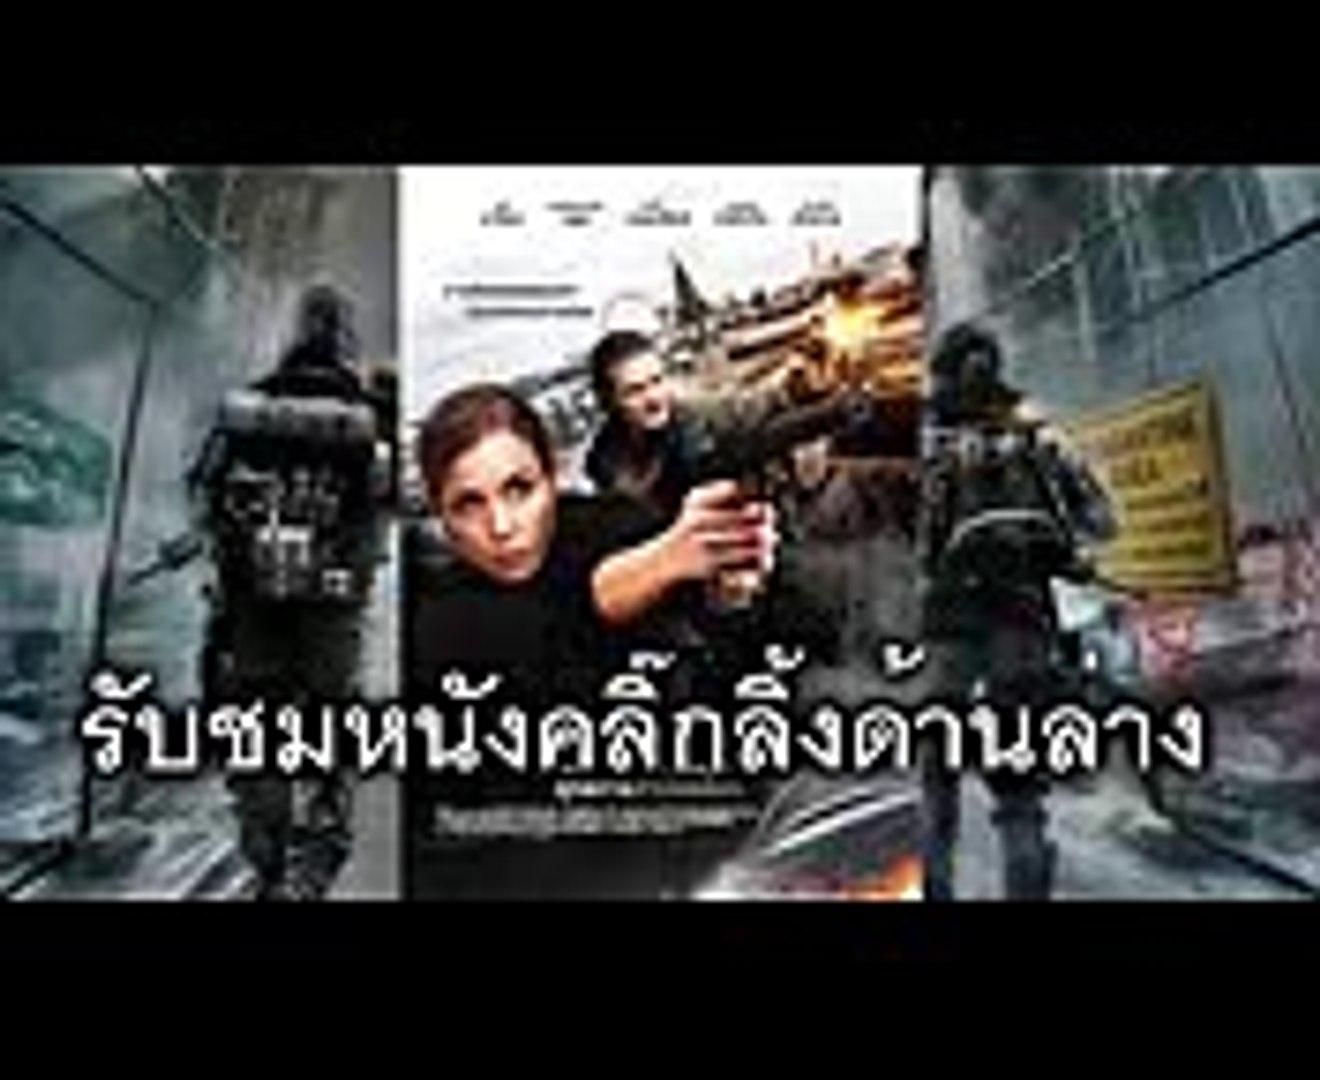 หนังใหม่ UNLOCKED (2017) ยุทธการล่าปลดล็อค